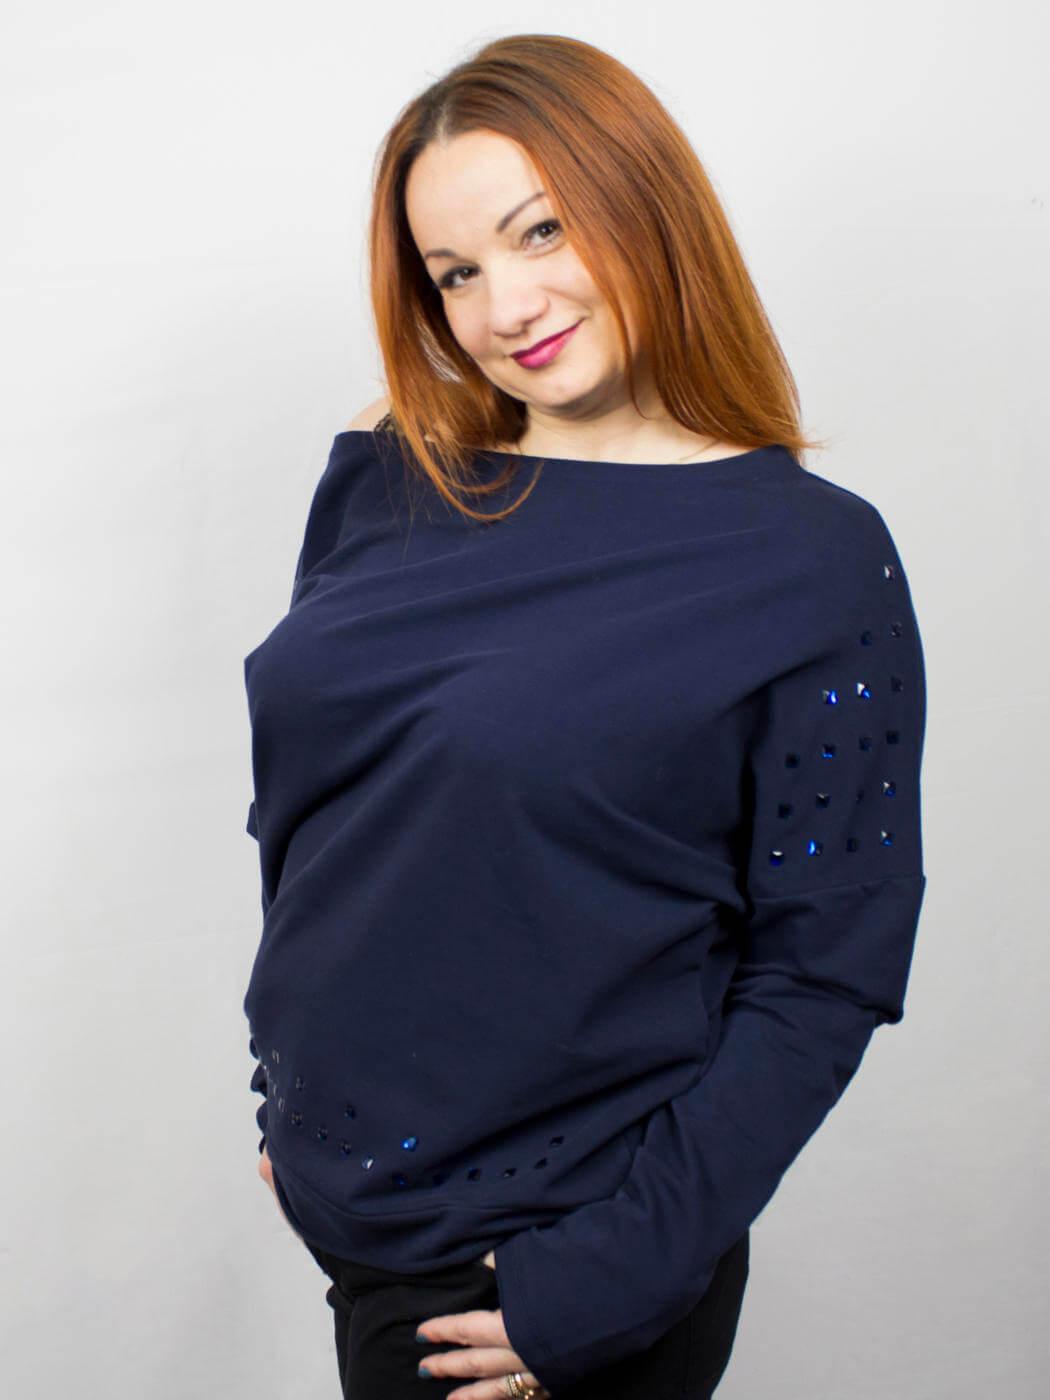 Виктория Борсук, руководитель отдела транспортно-экспедиционной деятельности Grand Logistics Company.